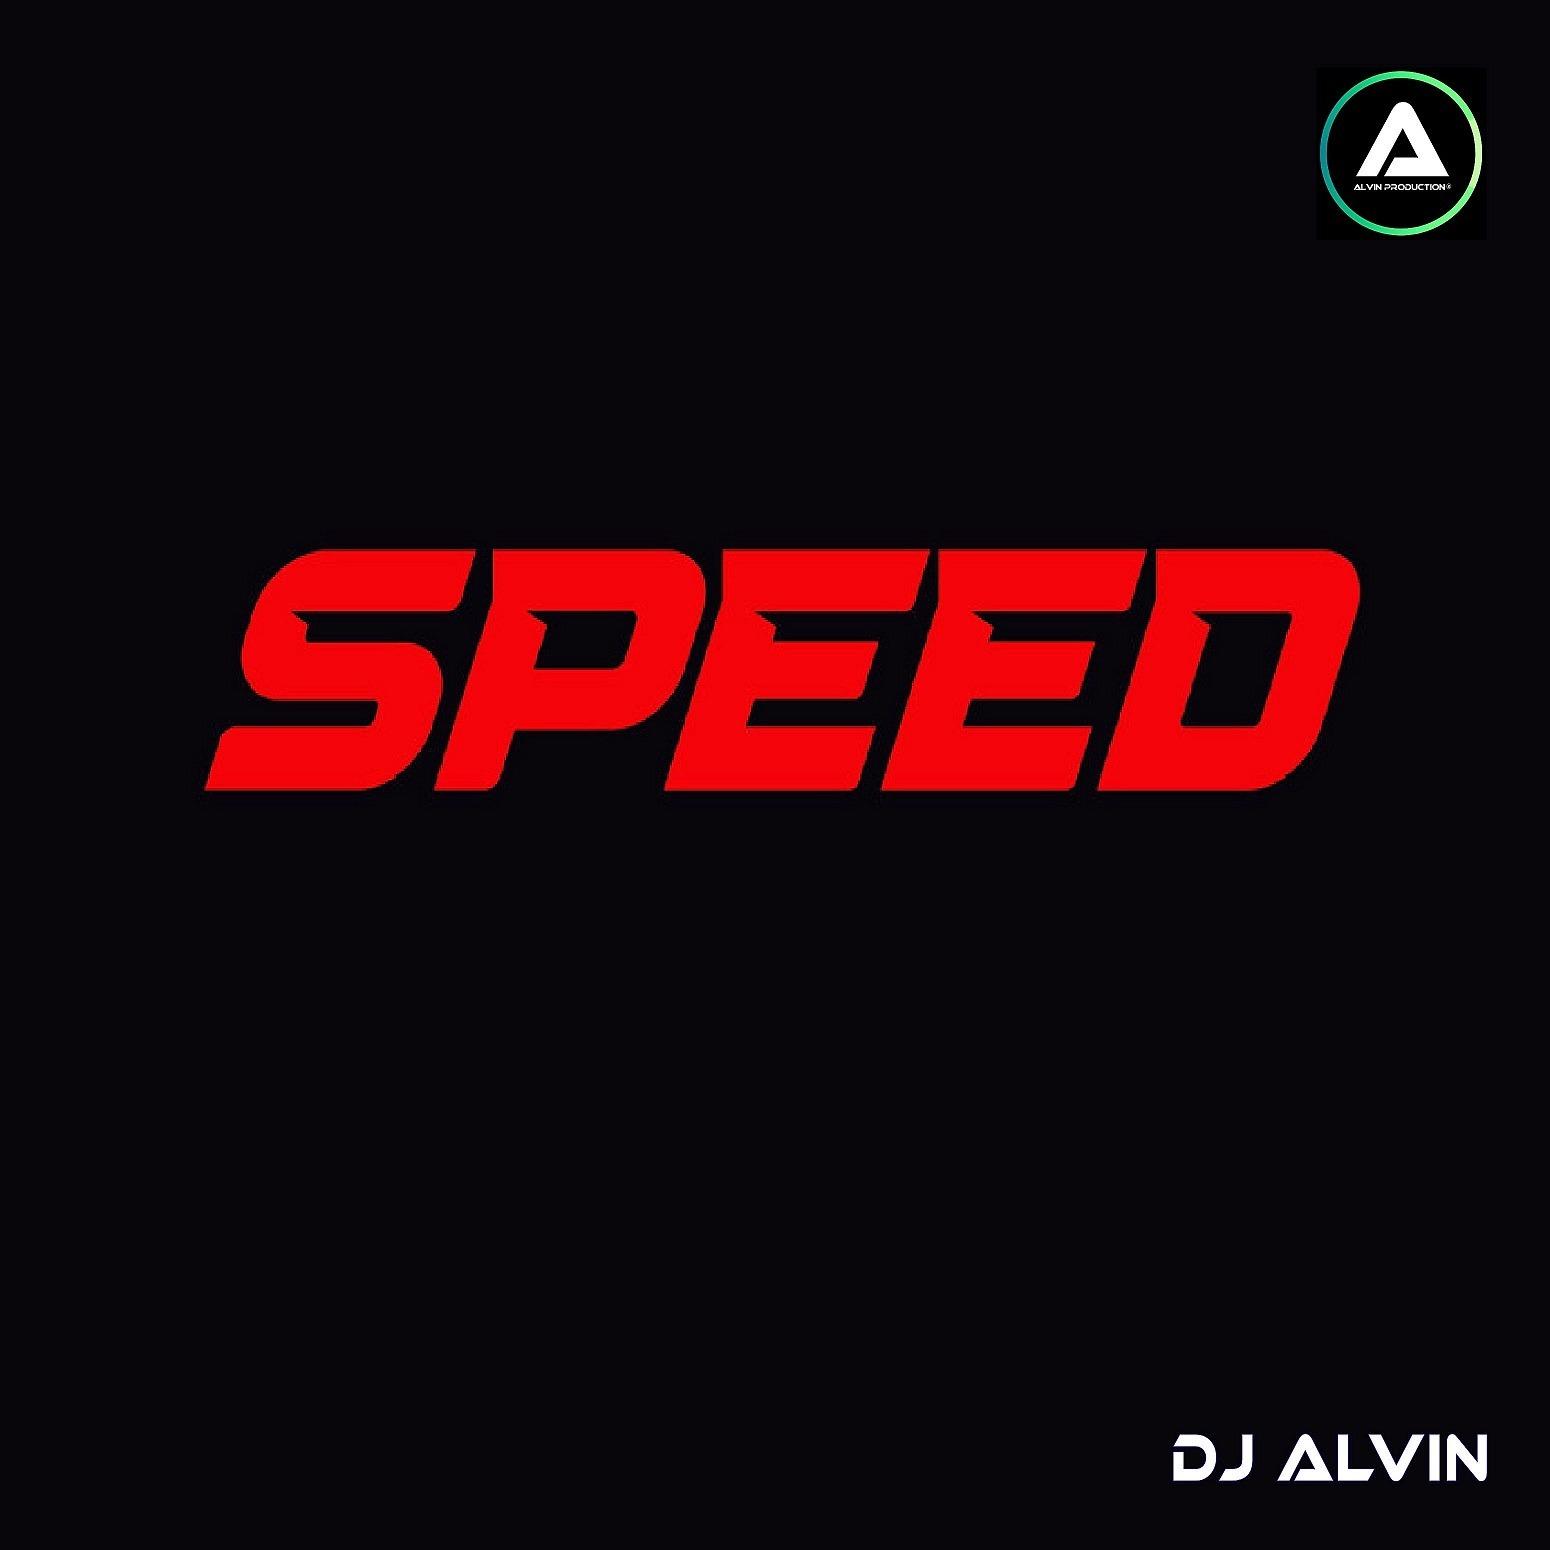 DJ Alvin - Speed